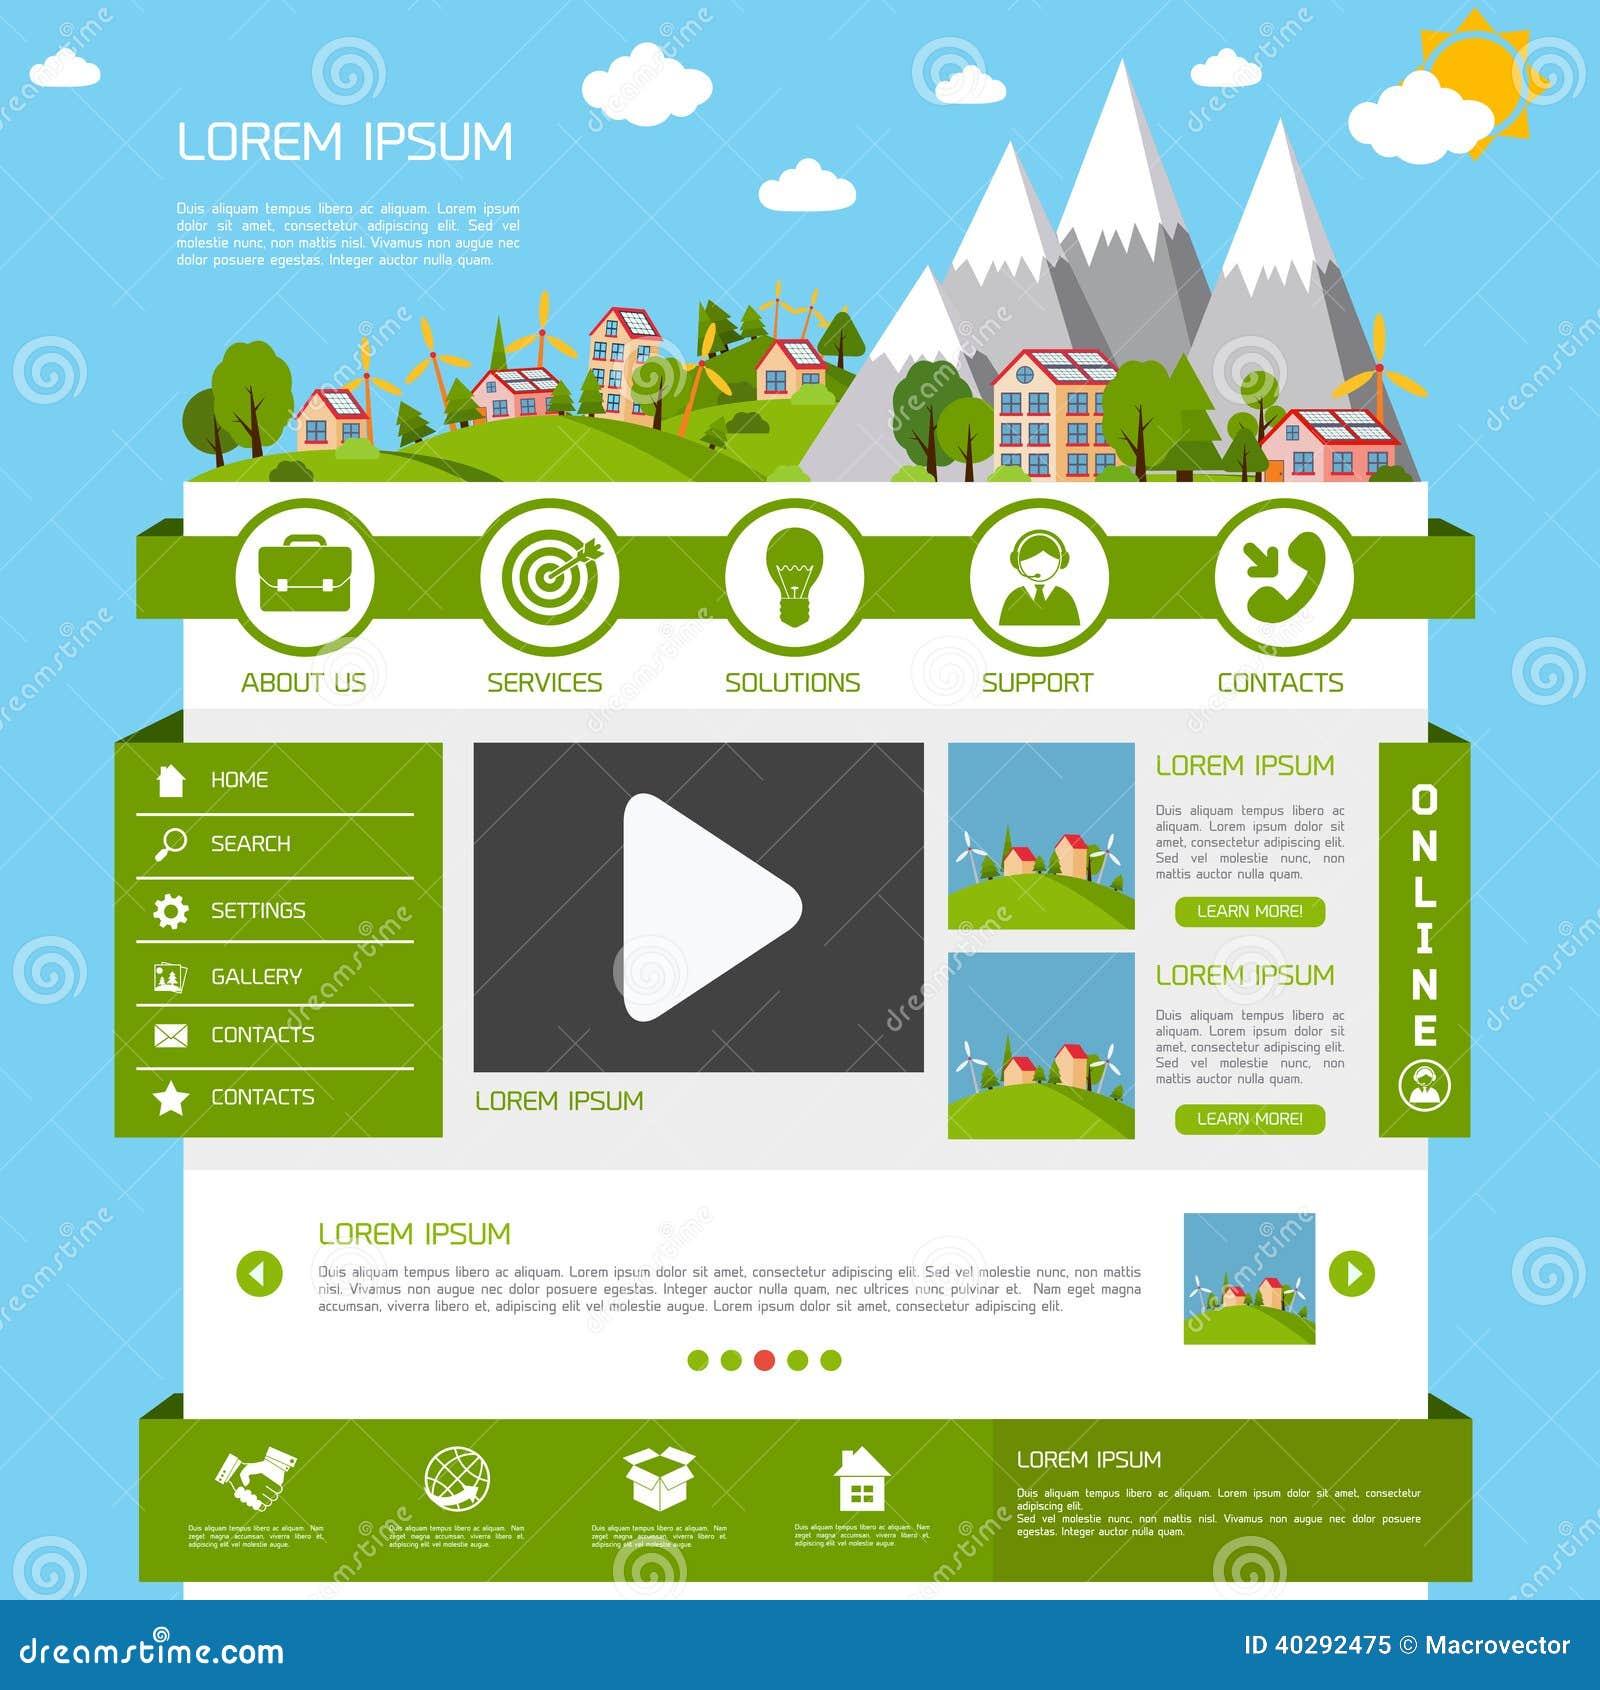 Image Result For Download Good Background Images For Websites